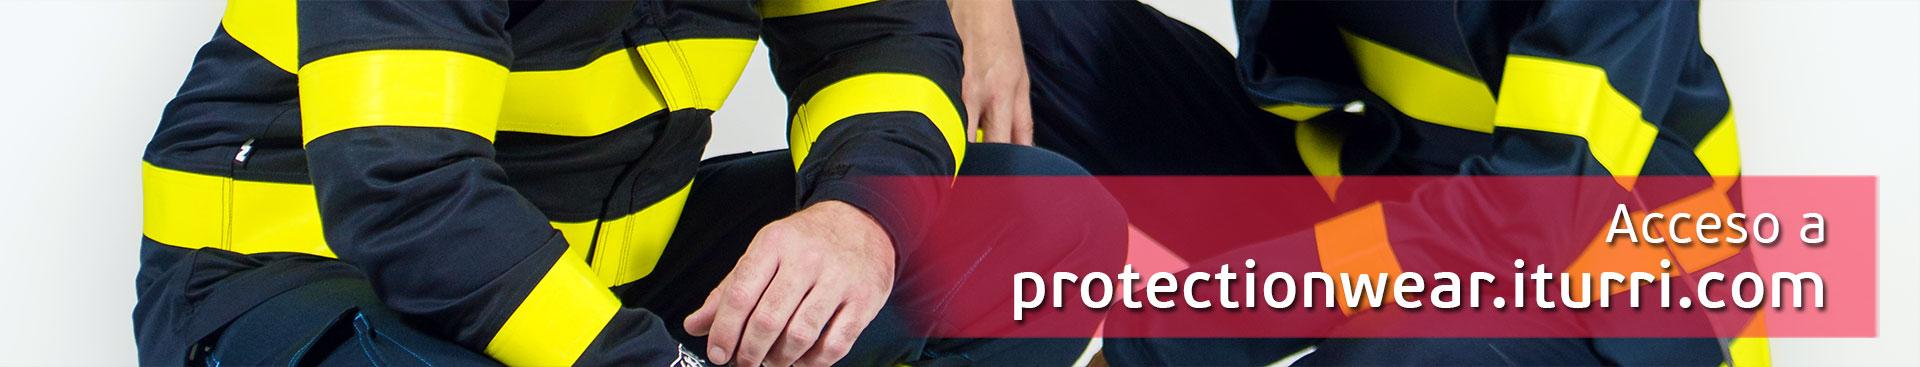 ITURRI Vestuario Protection